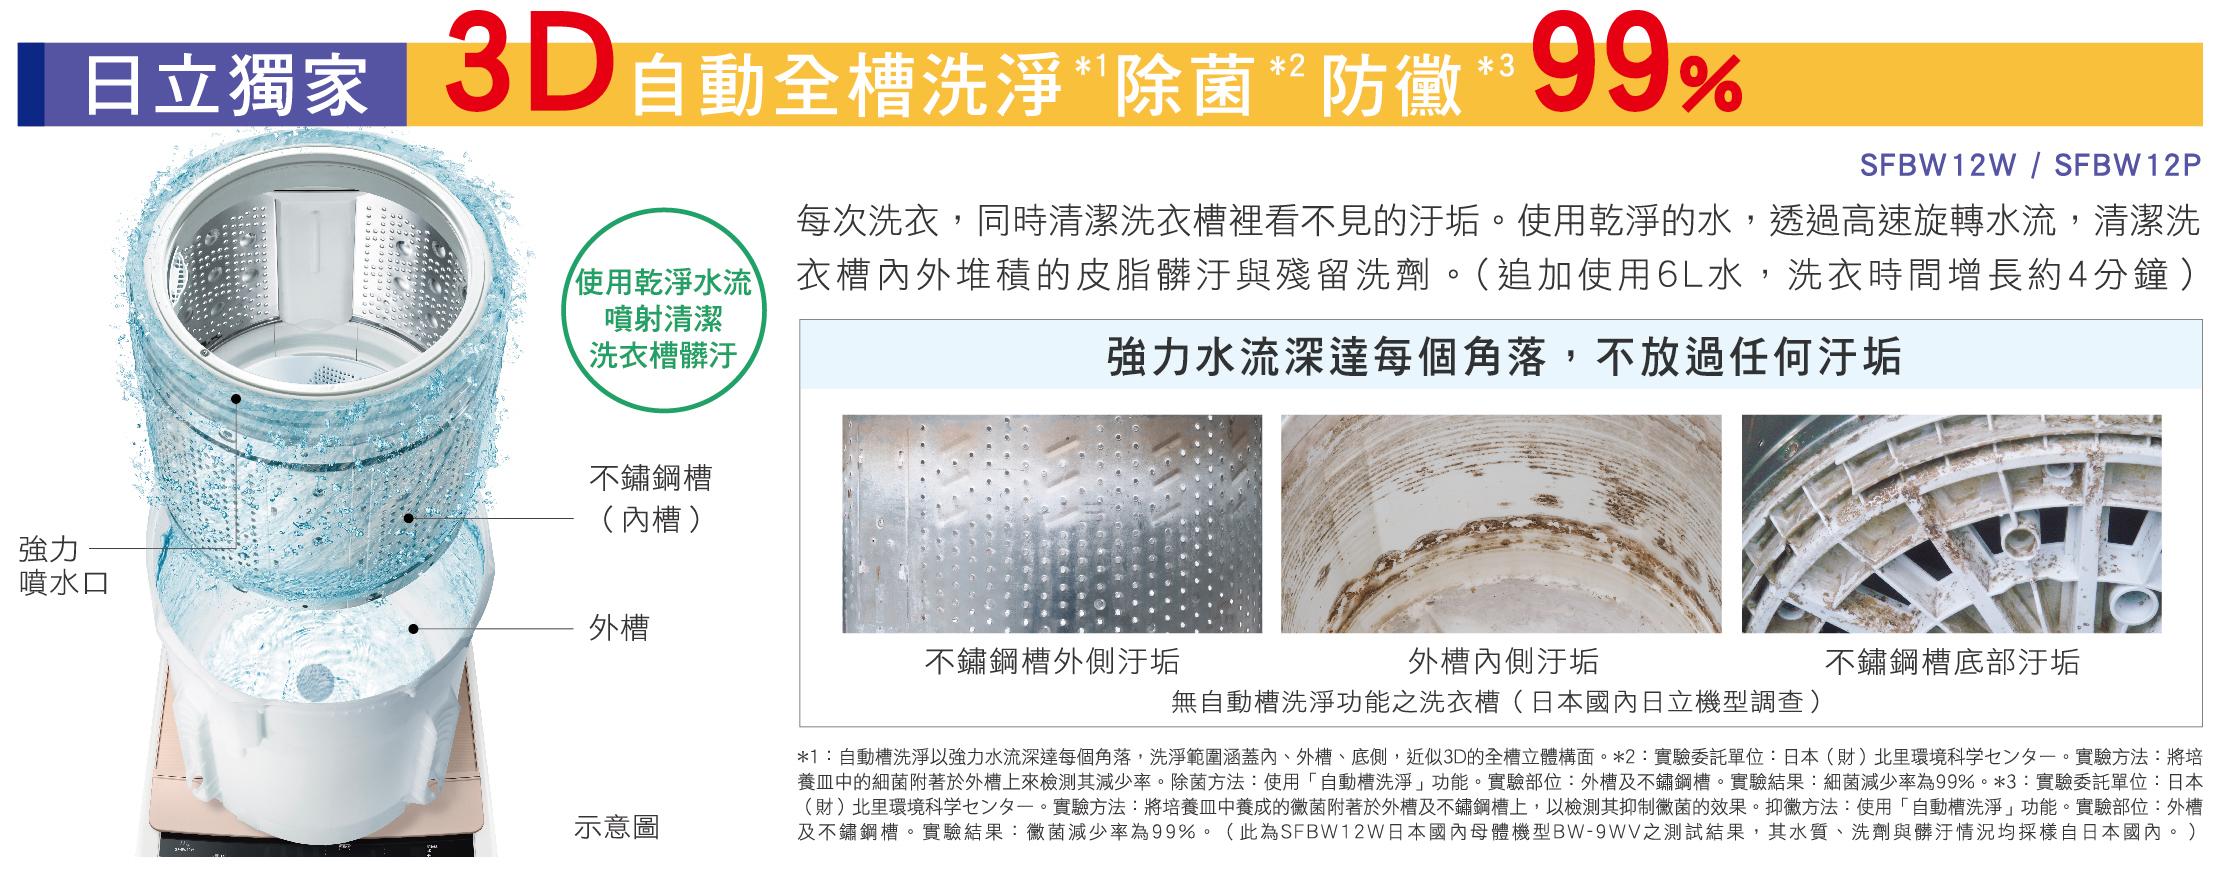 業界首創3D全槽洗淨 除菌防霉99%